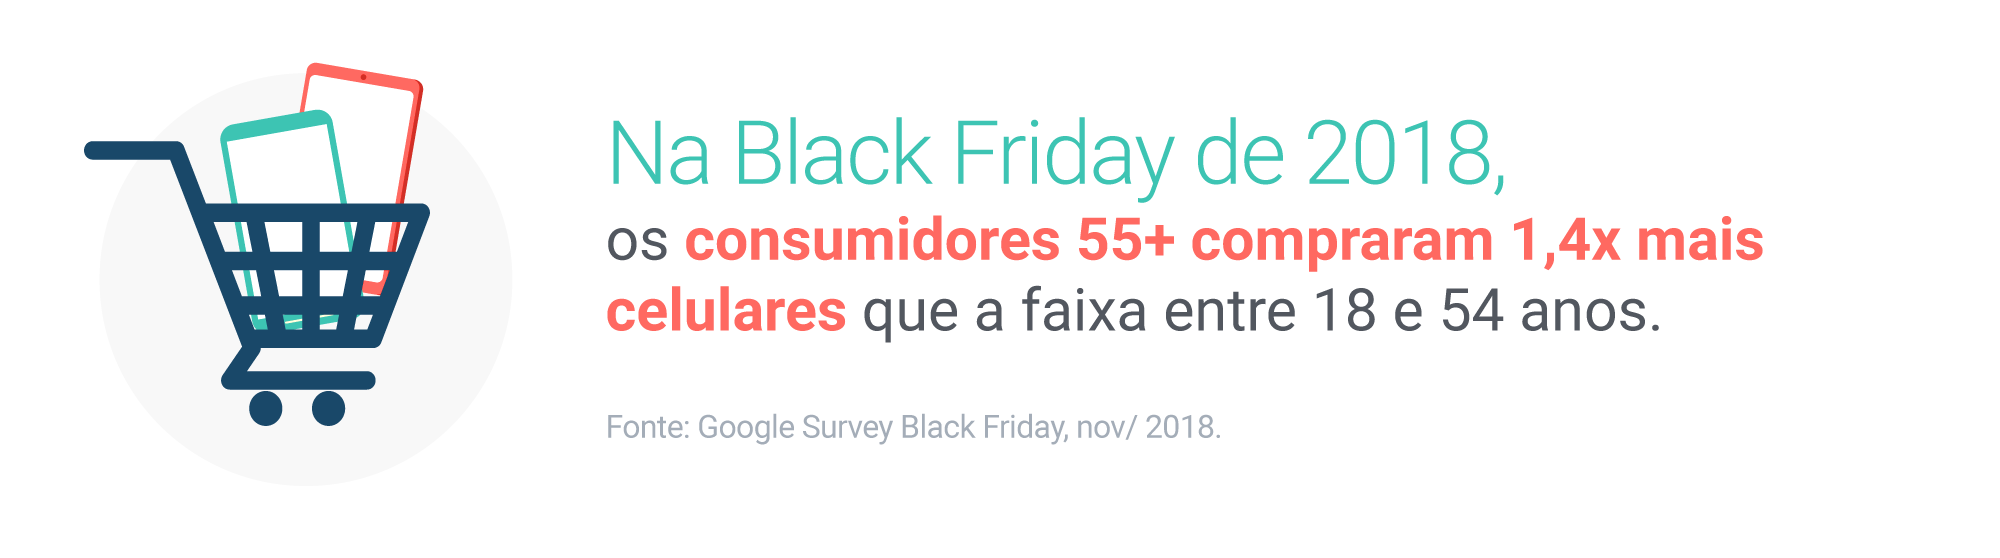 Na Black Friday de 2018, os consumidores 55+ compraram 1,4x mais celulares que a faixa entre 18 e 54 anos. Fonte: Google Survey Black Friday, nov/2018.